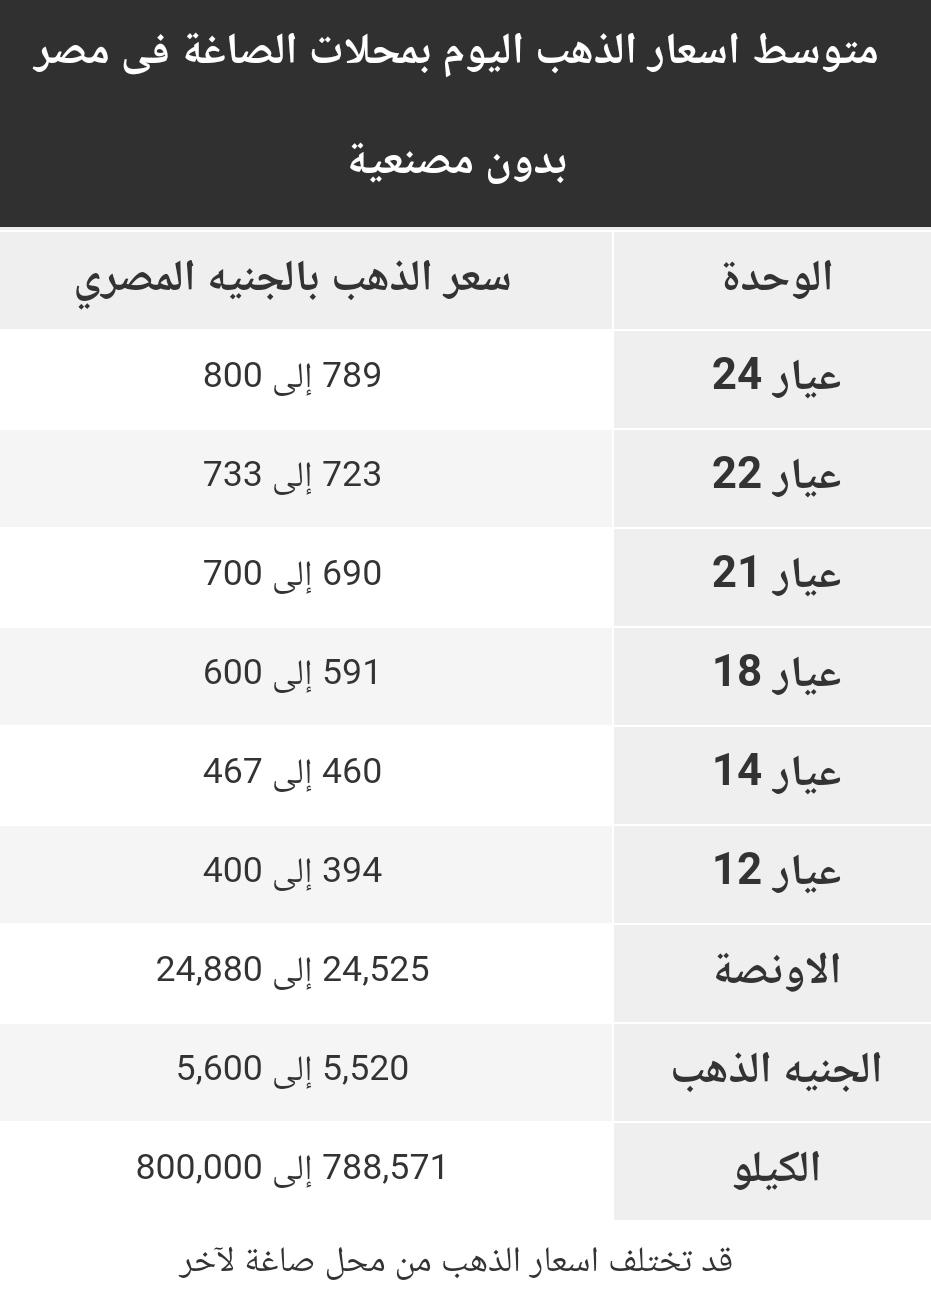 اسعار الذهب اليوم  الثلاثاء 24 مارس 2020 في مصر Gold Price